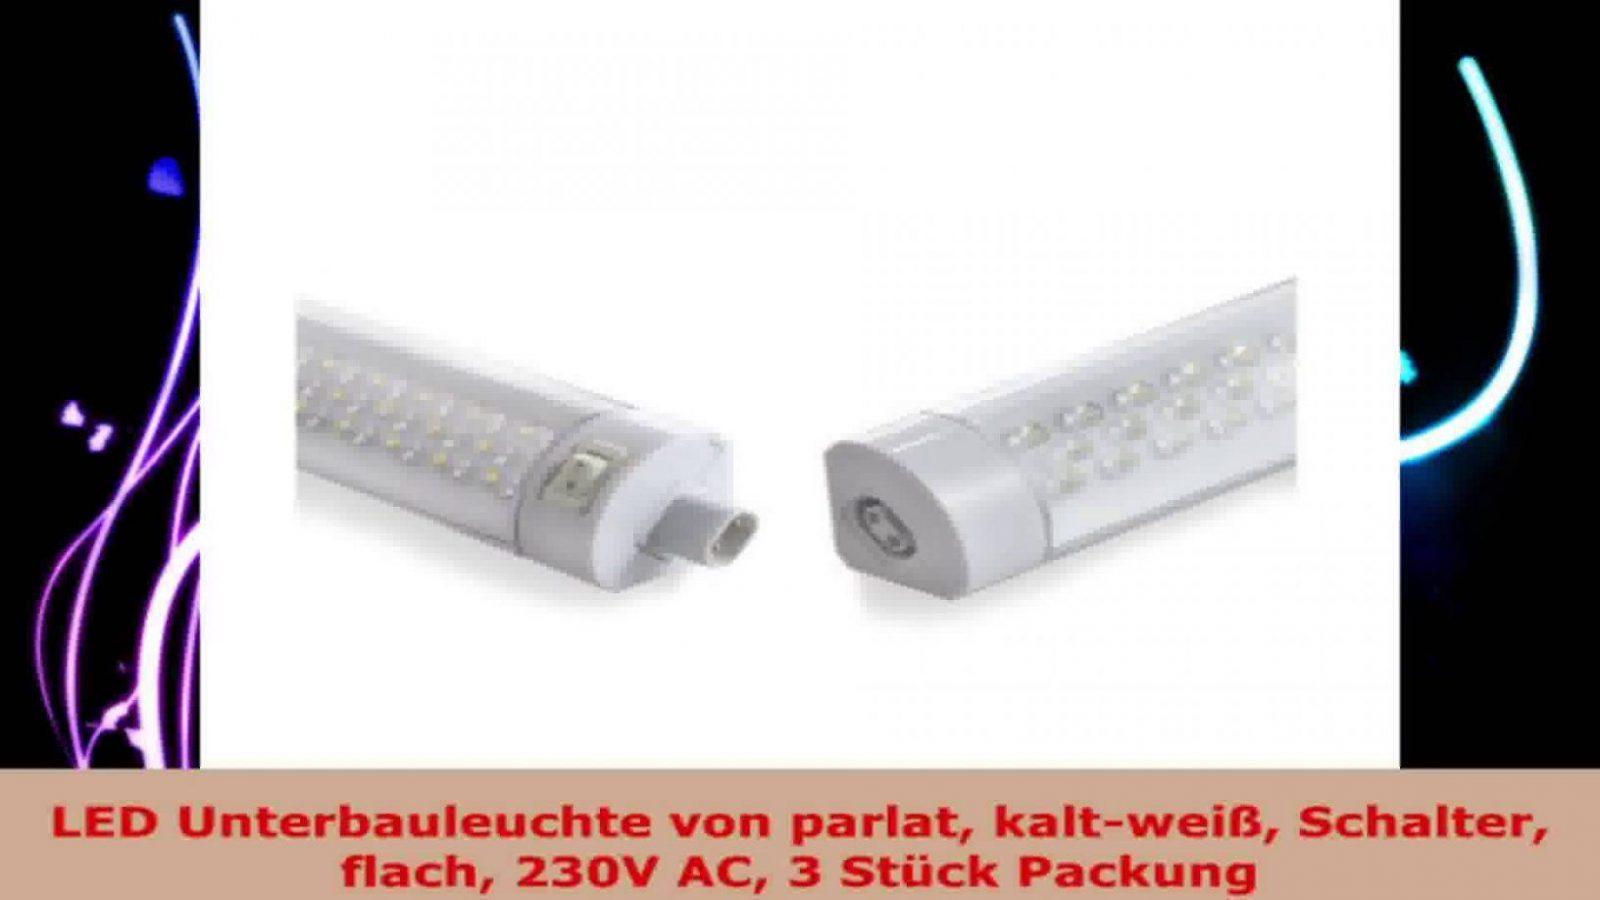 Led Unterbauleuchte Von Parlat Kaltweiß Schalter Flach 230V Ac 3 von Led Unterbauleuchte Küche 230V Bild